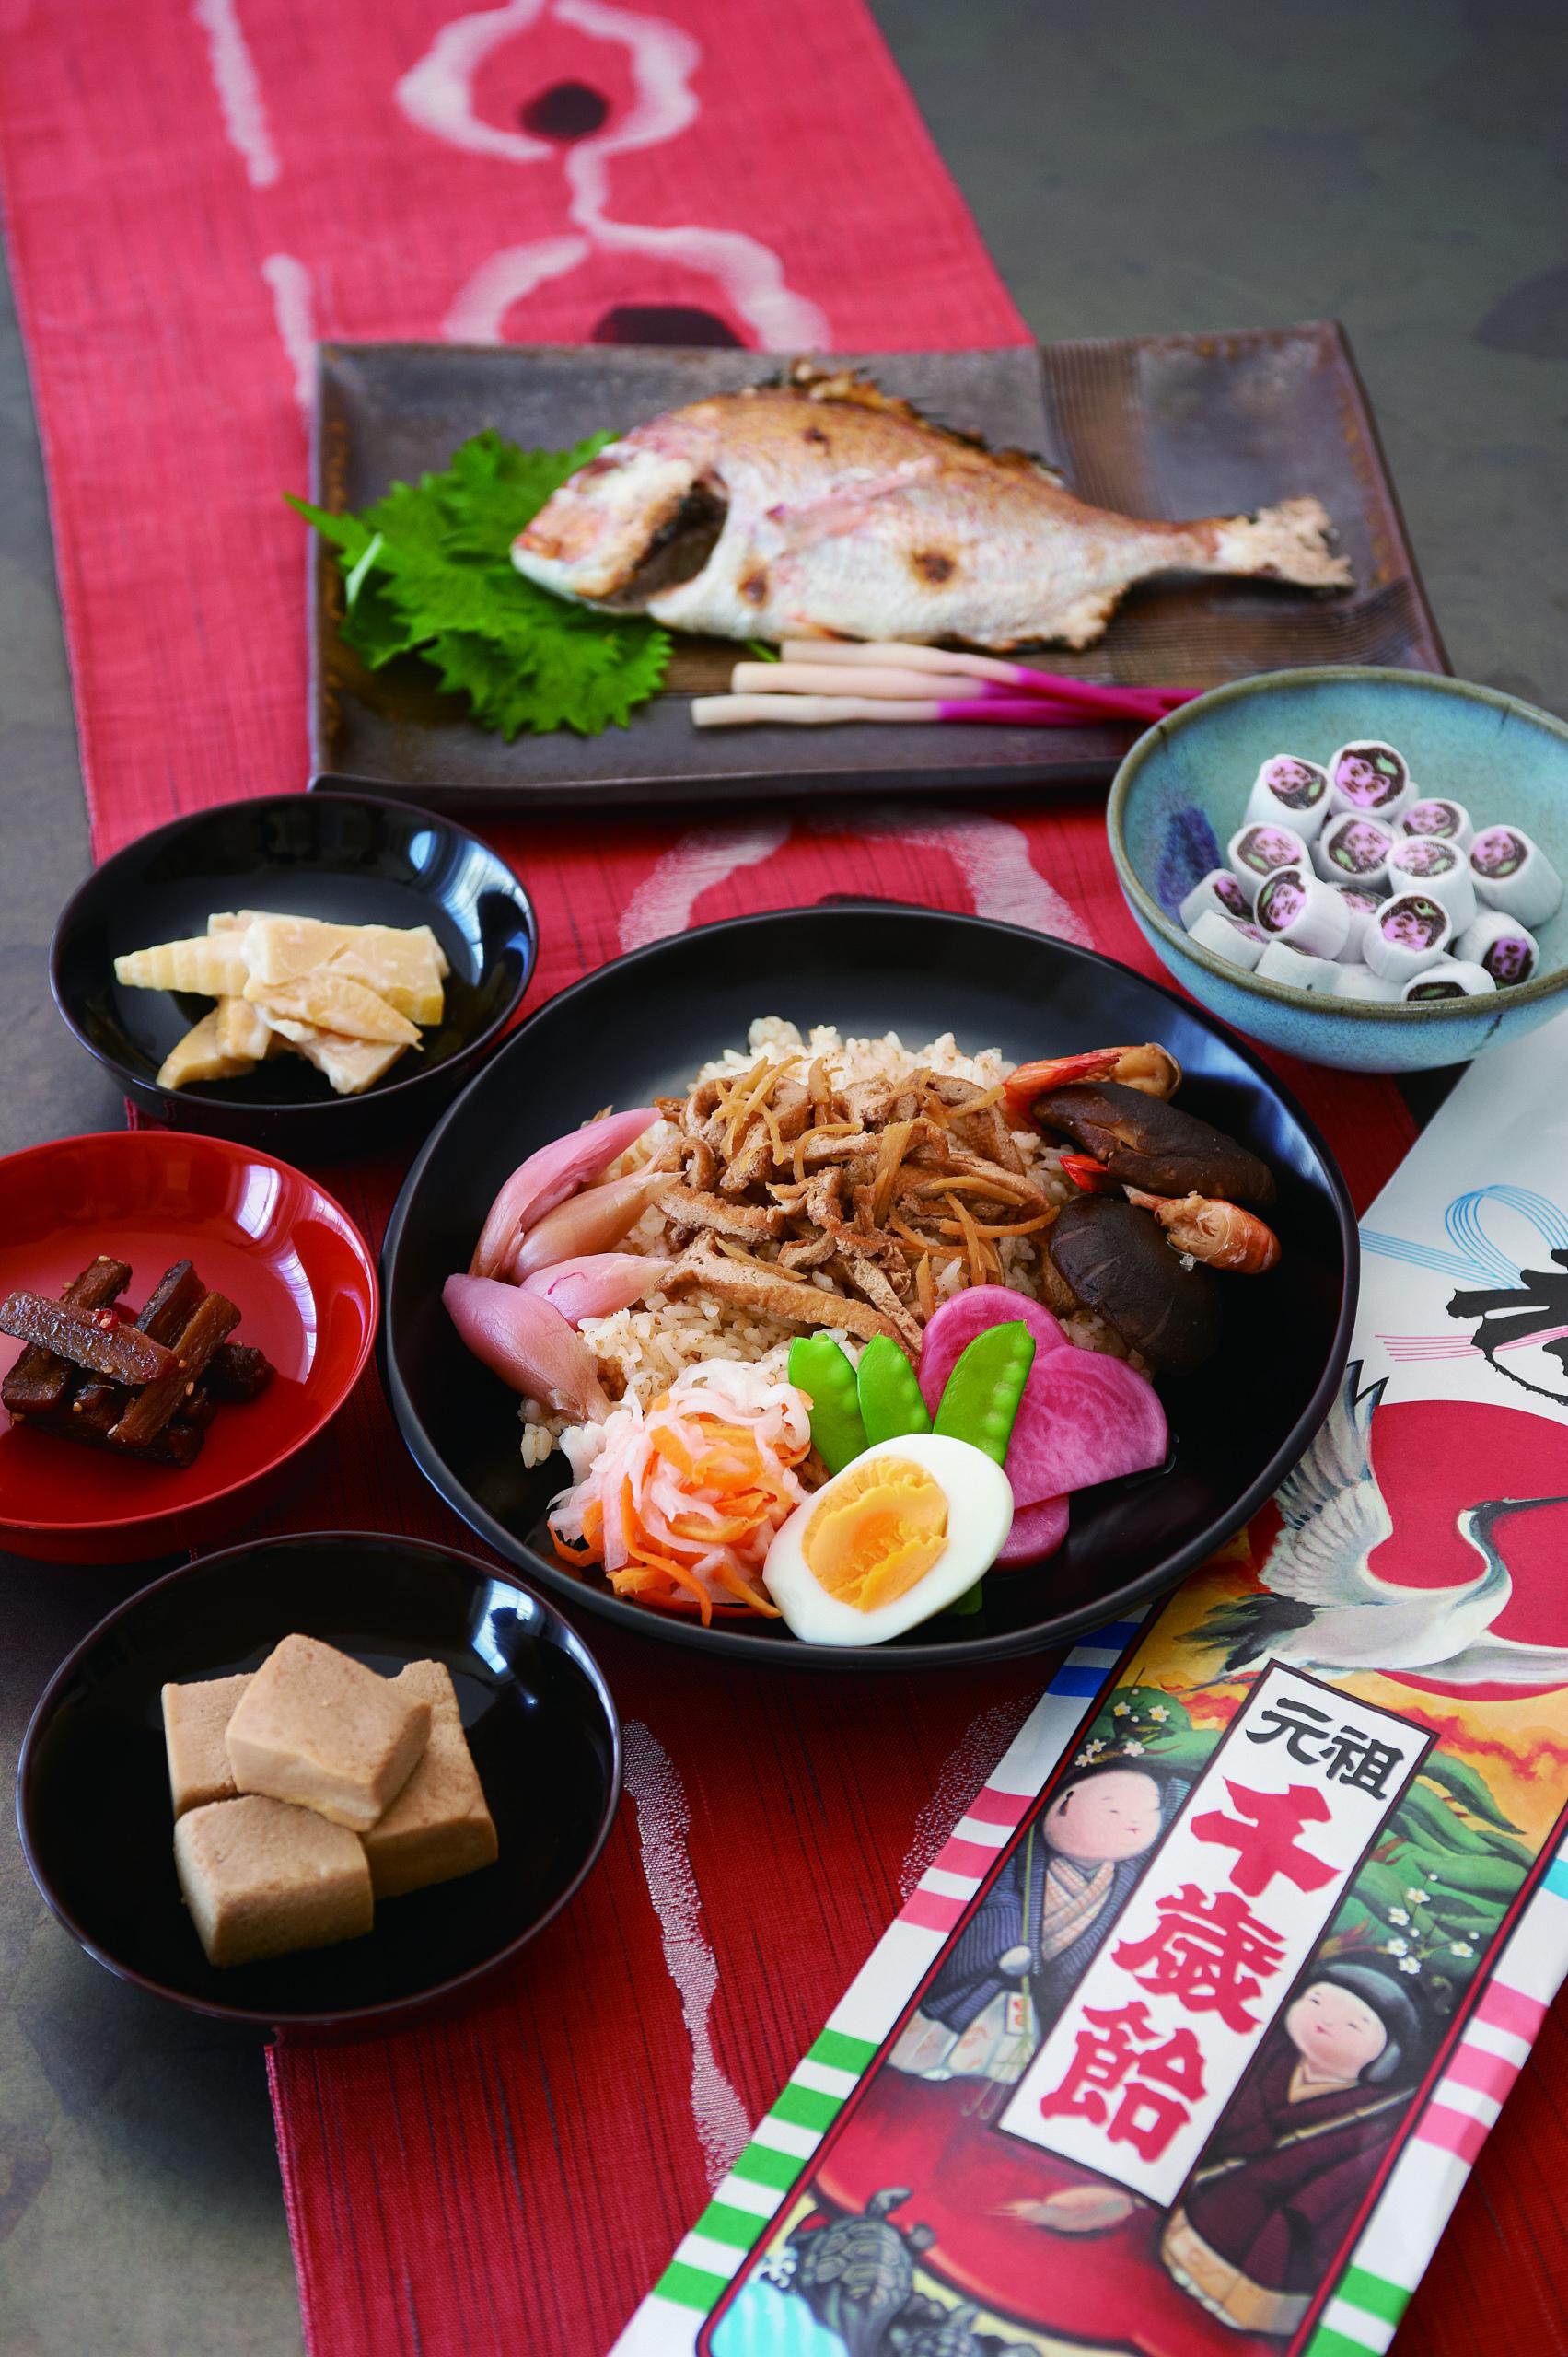 จิโตเสะ อาเมะ (ลูกอมพันปี) ขนมที่ให้เด็กๆ ในวันพิเศษนี้ เพื่อเป็นสัญลักษณ์แห่งการมีอายุยืนยาว